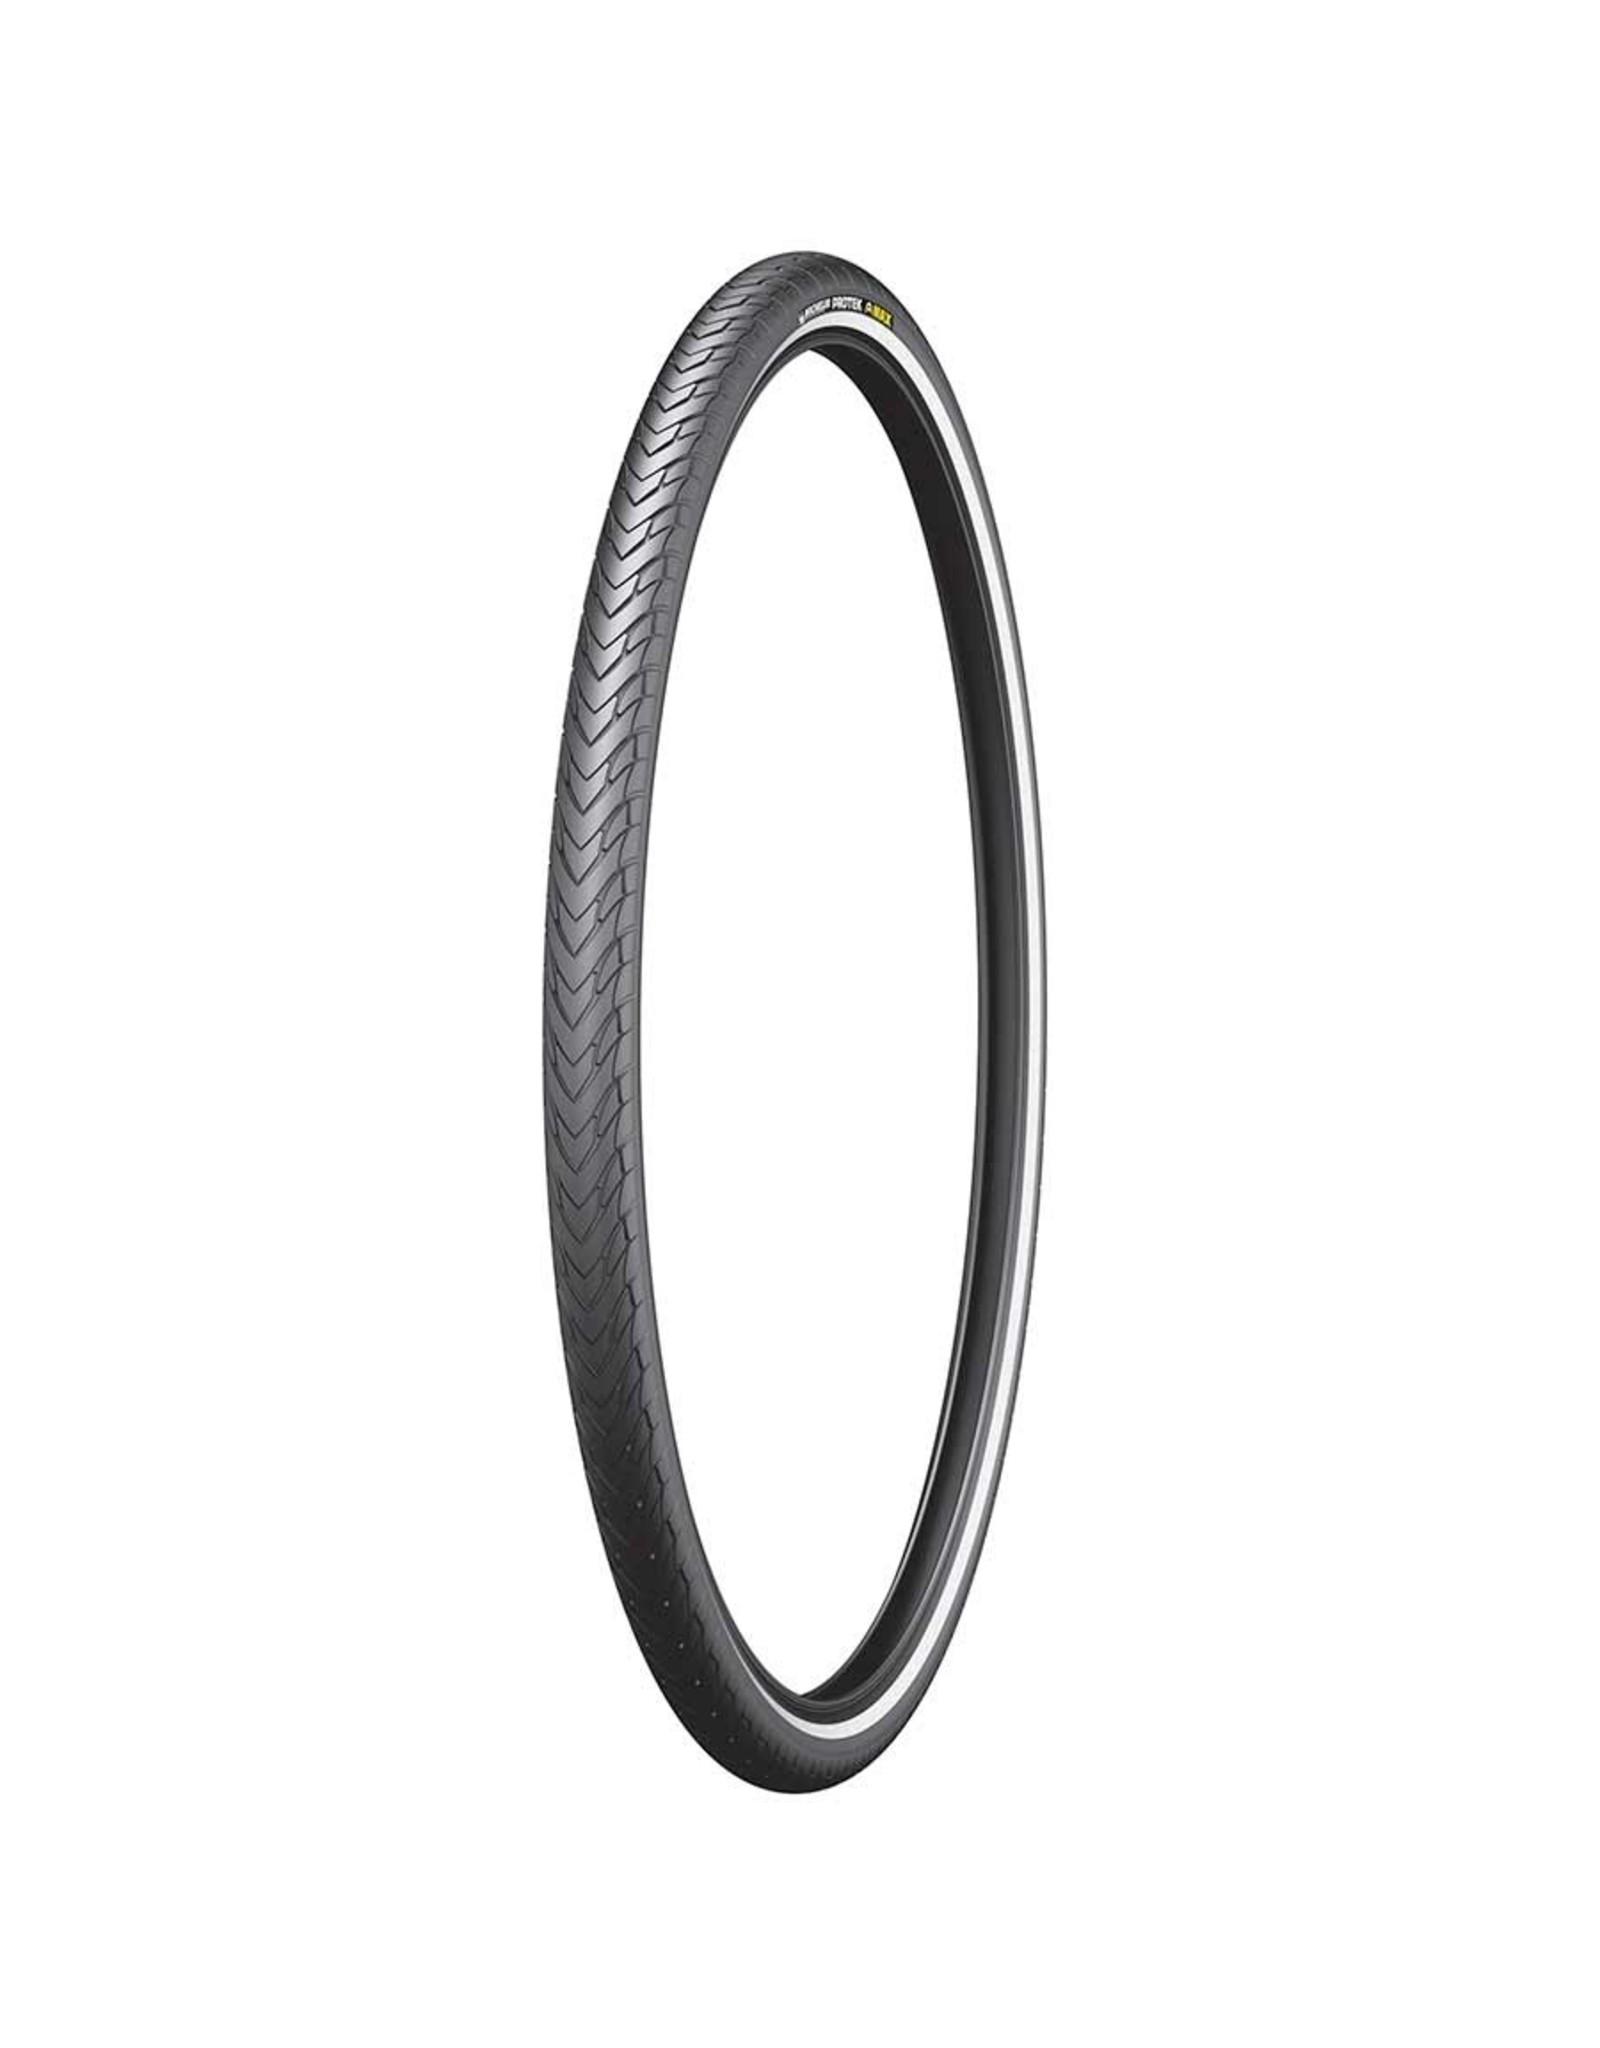 Michelin Michelin, Protek Max, Tire, 700x35C, Wire, Clincher, Protek 5mm, Reflex, 22TPI, Black